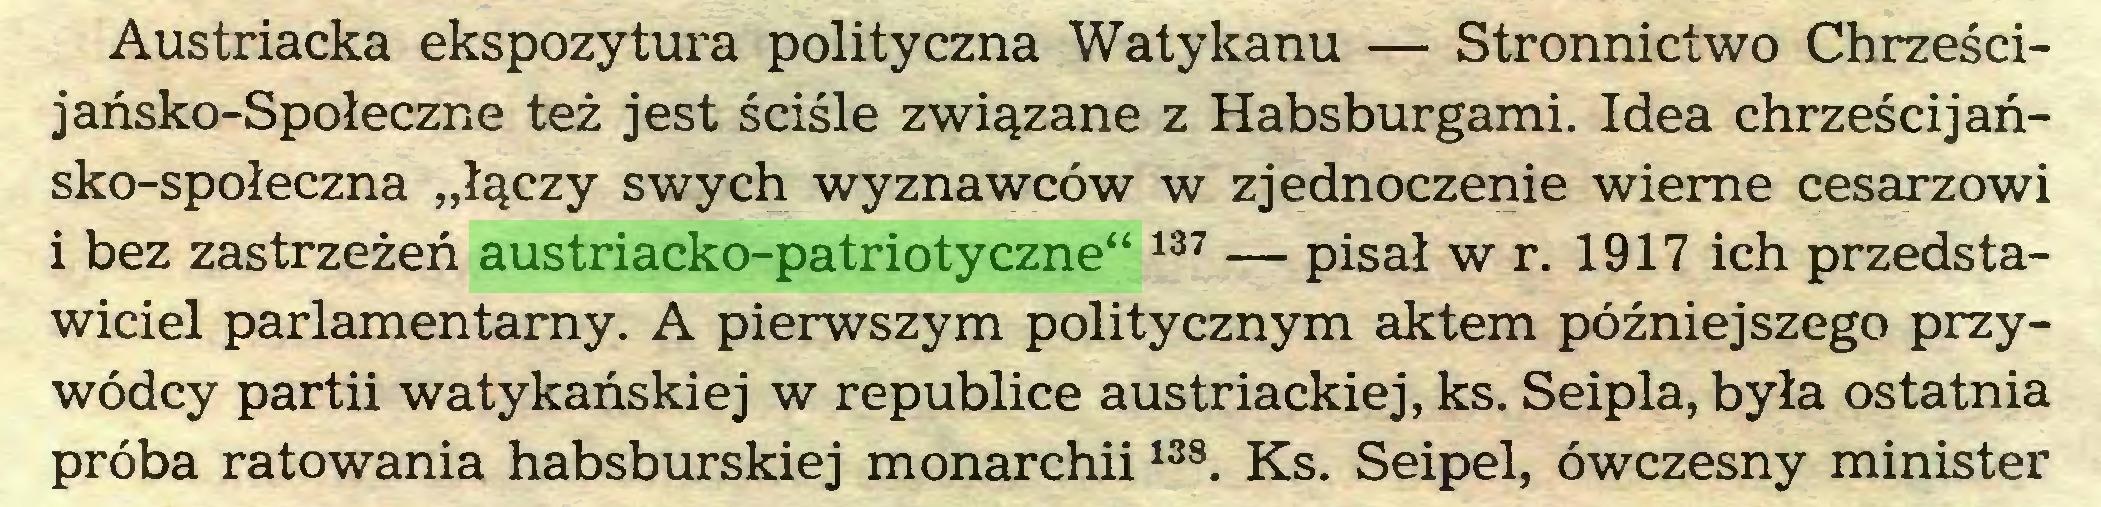 """(...) Austriacka ekspozytura polityczna Watykanu — Stronnictwo Chrześcijańsko-Społeczne też jest ściśle związane z Habsburgami. Idea chrzęści jańsko-społeczna """"łączy swych wyznawców w zjednoczenie wierne cesarzowi i bez zastrzeżeń austriacko-patriotyczne"""" 137 — pisał w r. 1917 ich przedstawiciel parlamentarny. A pierwszym politycznym aktem późniejszego przywódcy partii watykańskiej w republice austriackiej, ks. Seipla, była ostatnia próba ratowania habsburskiej monarchii138. Ks. Seipel, ówczesny minister..."""